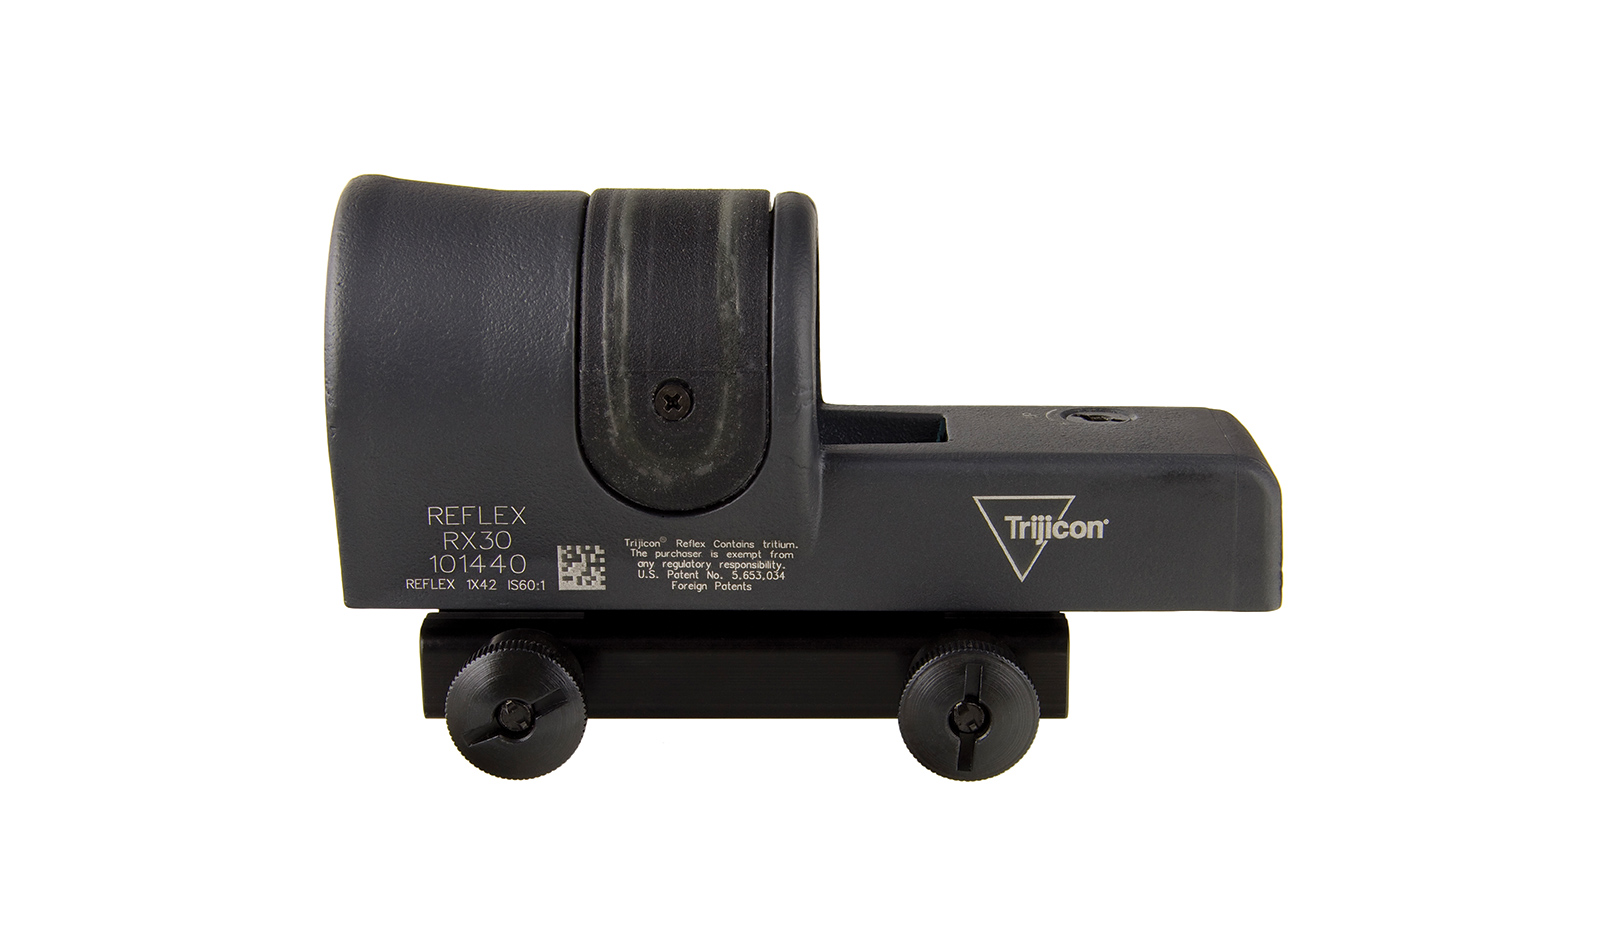 RX30-C-800089 angle 2